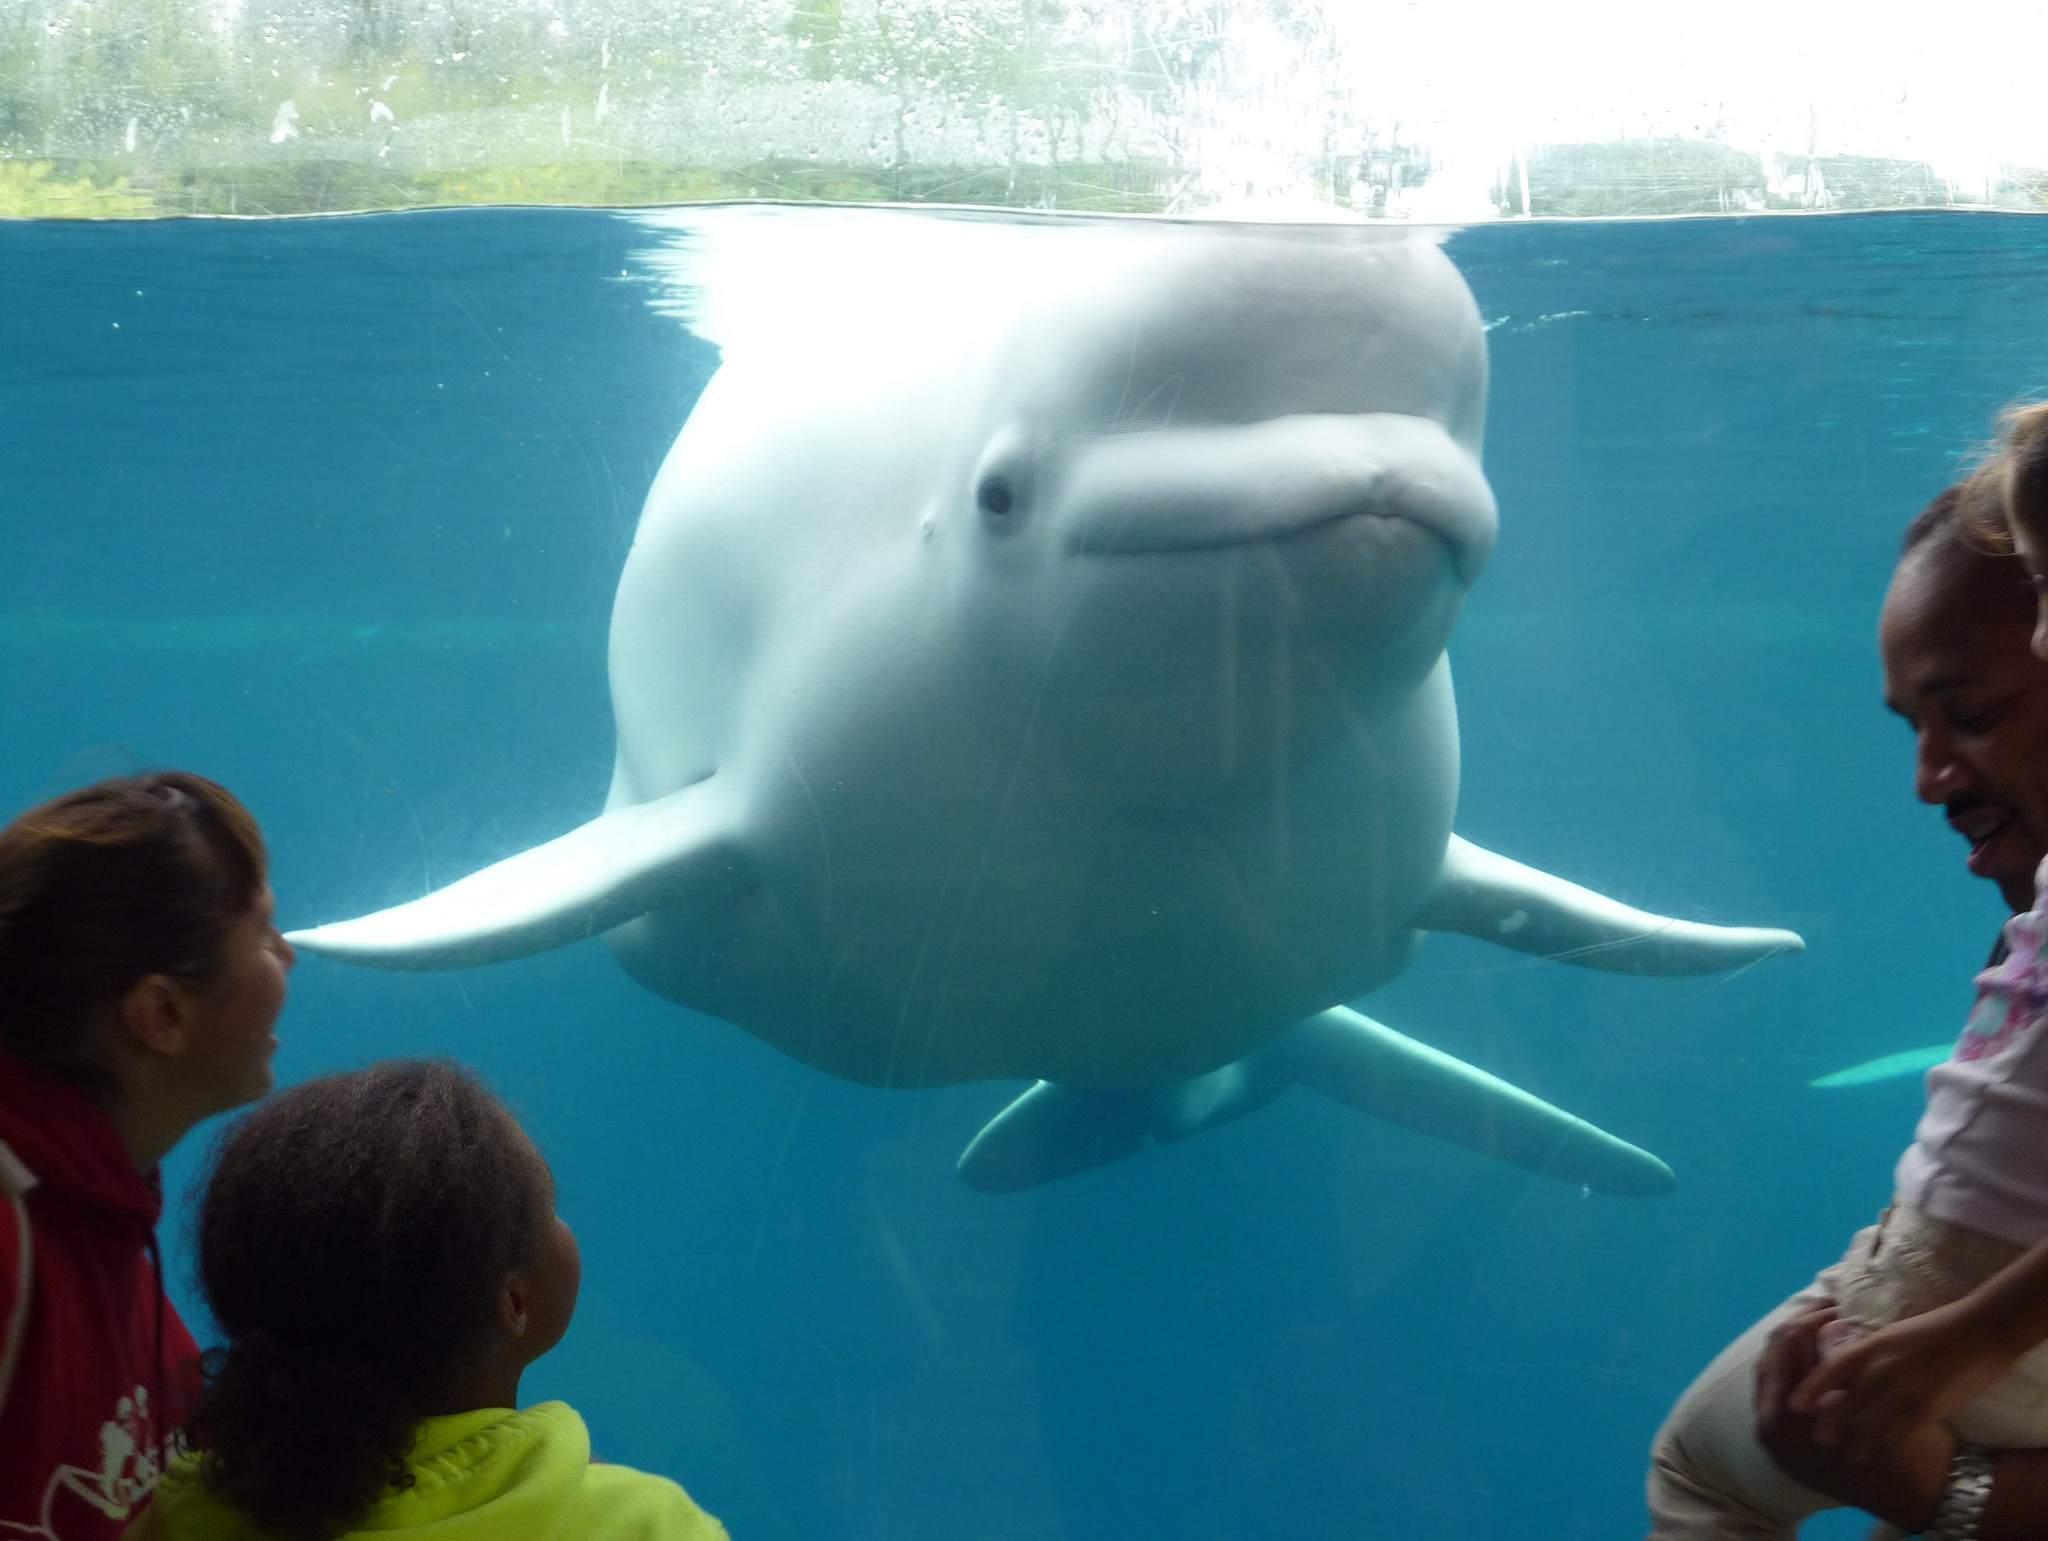 A beluga whale at the Mystic Aquarium